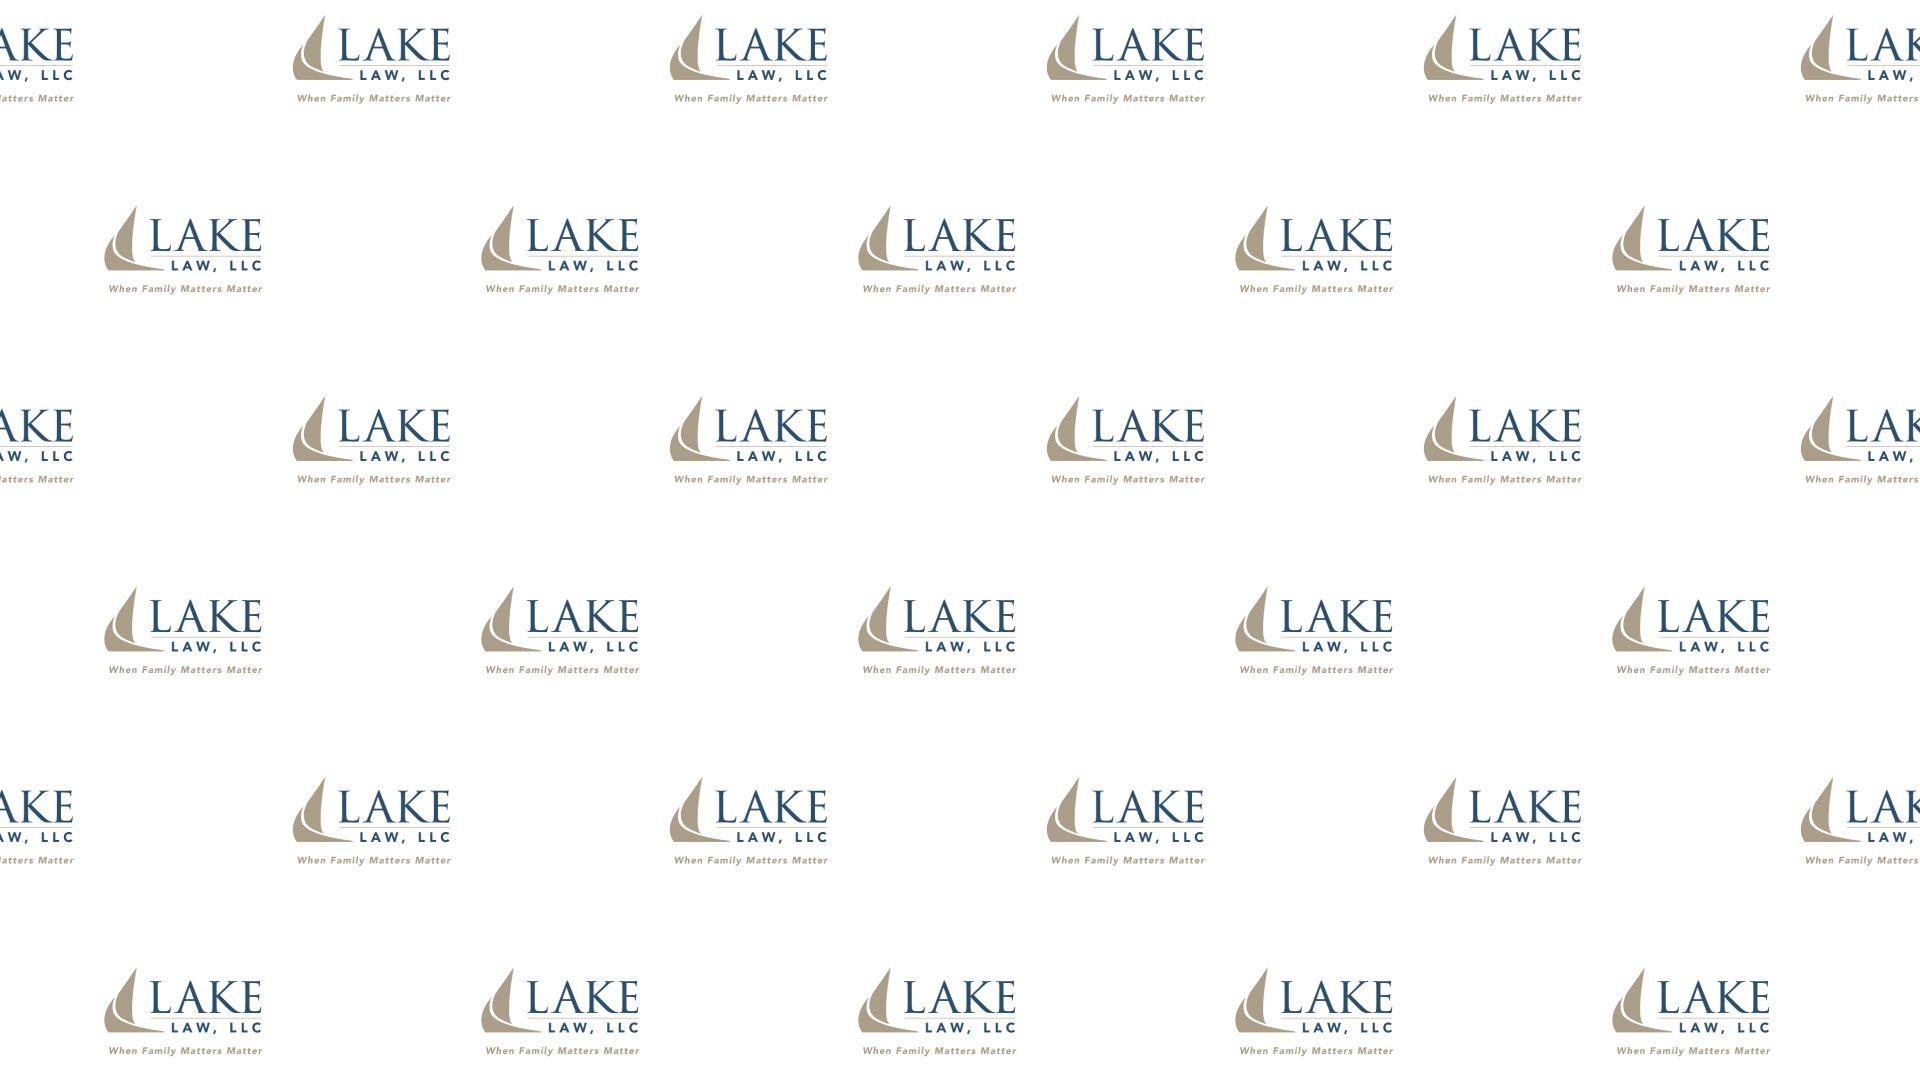 Lake Law